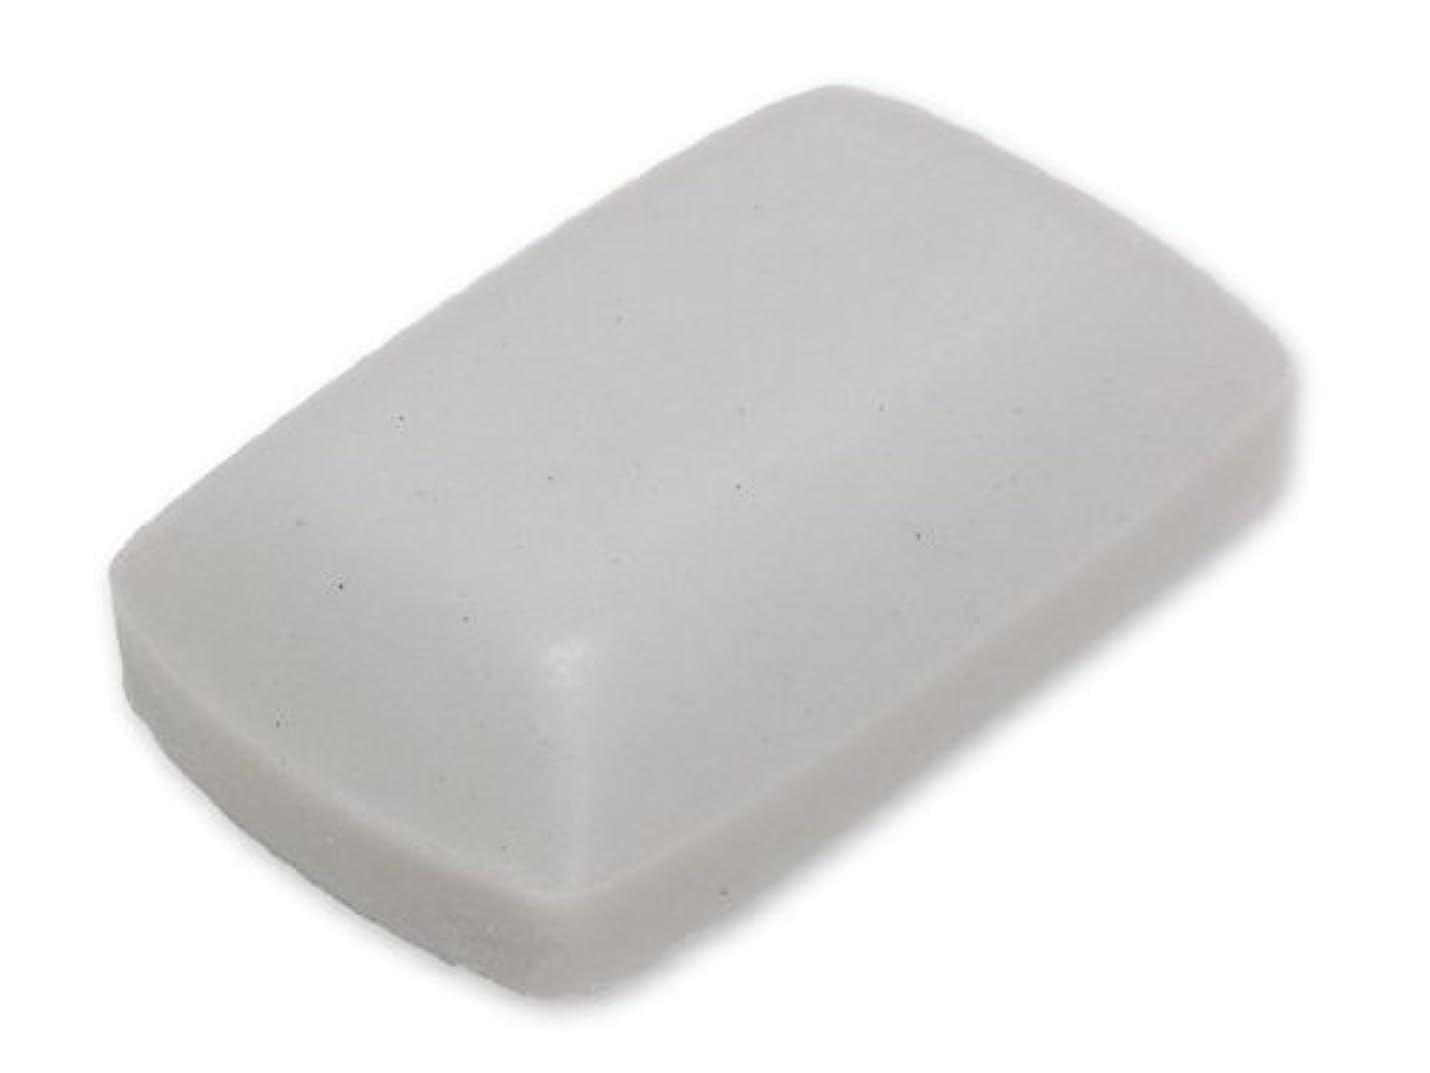 空白ジュニアうねる不思議な石鹸「ゆらぎ乃せっけん」